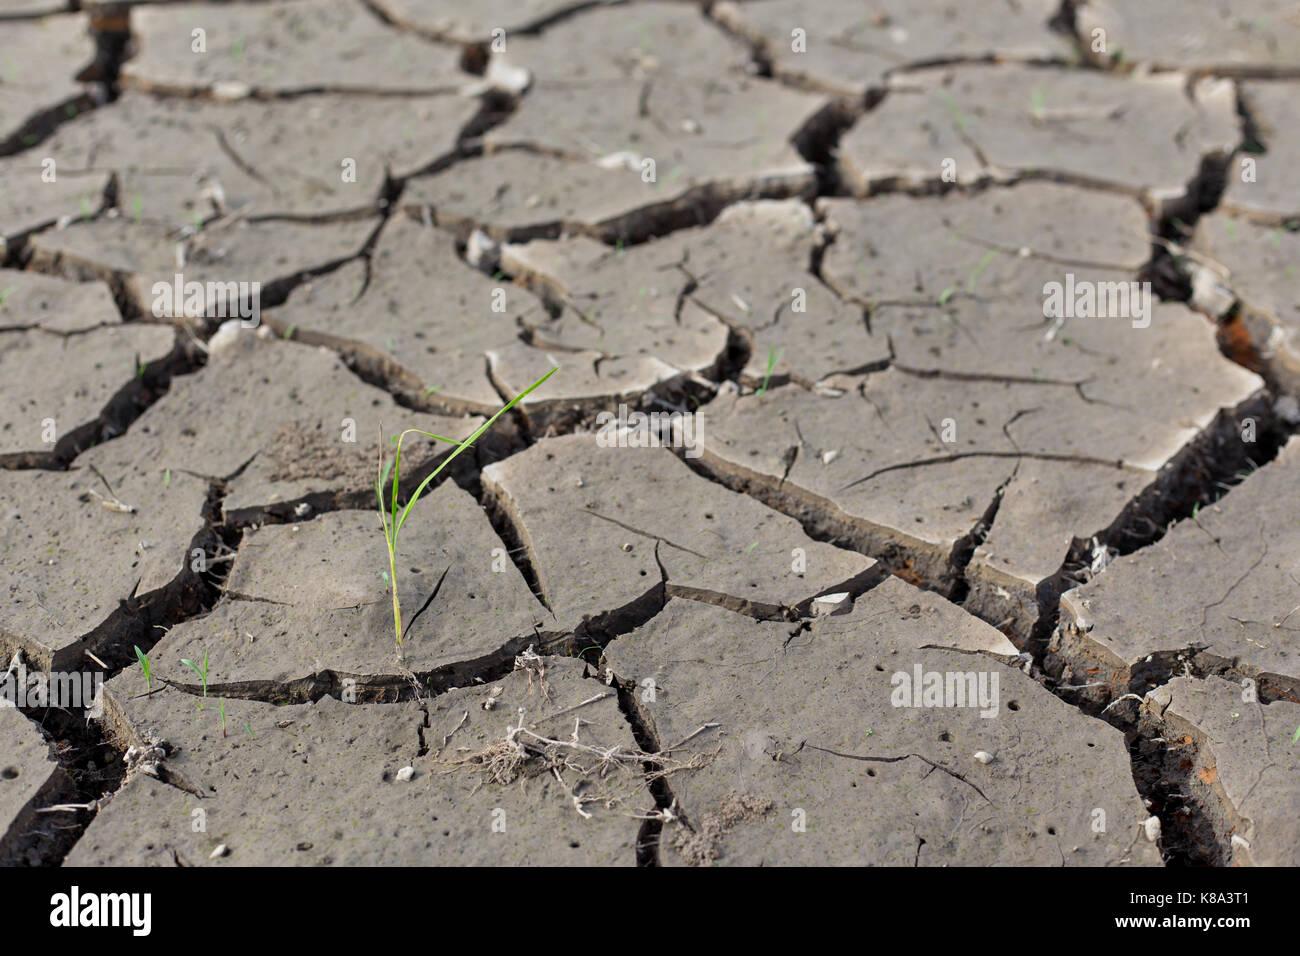 Broken soil - Stock Image